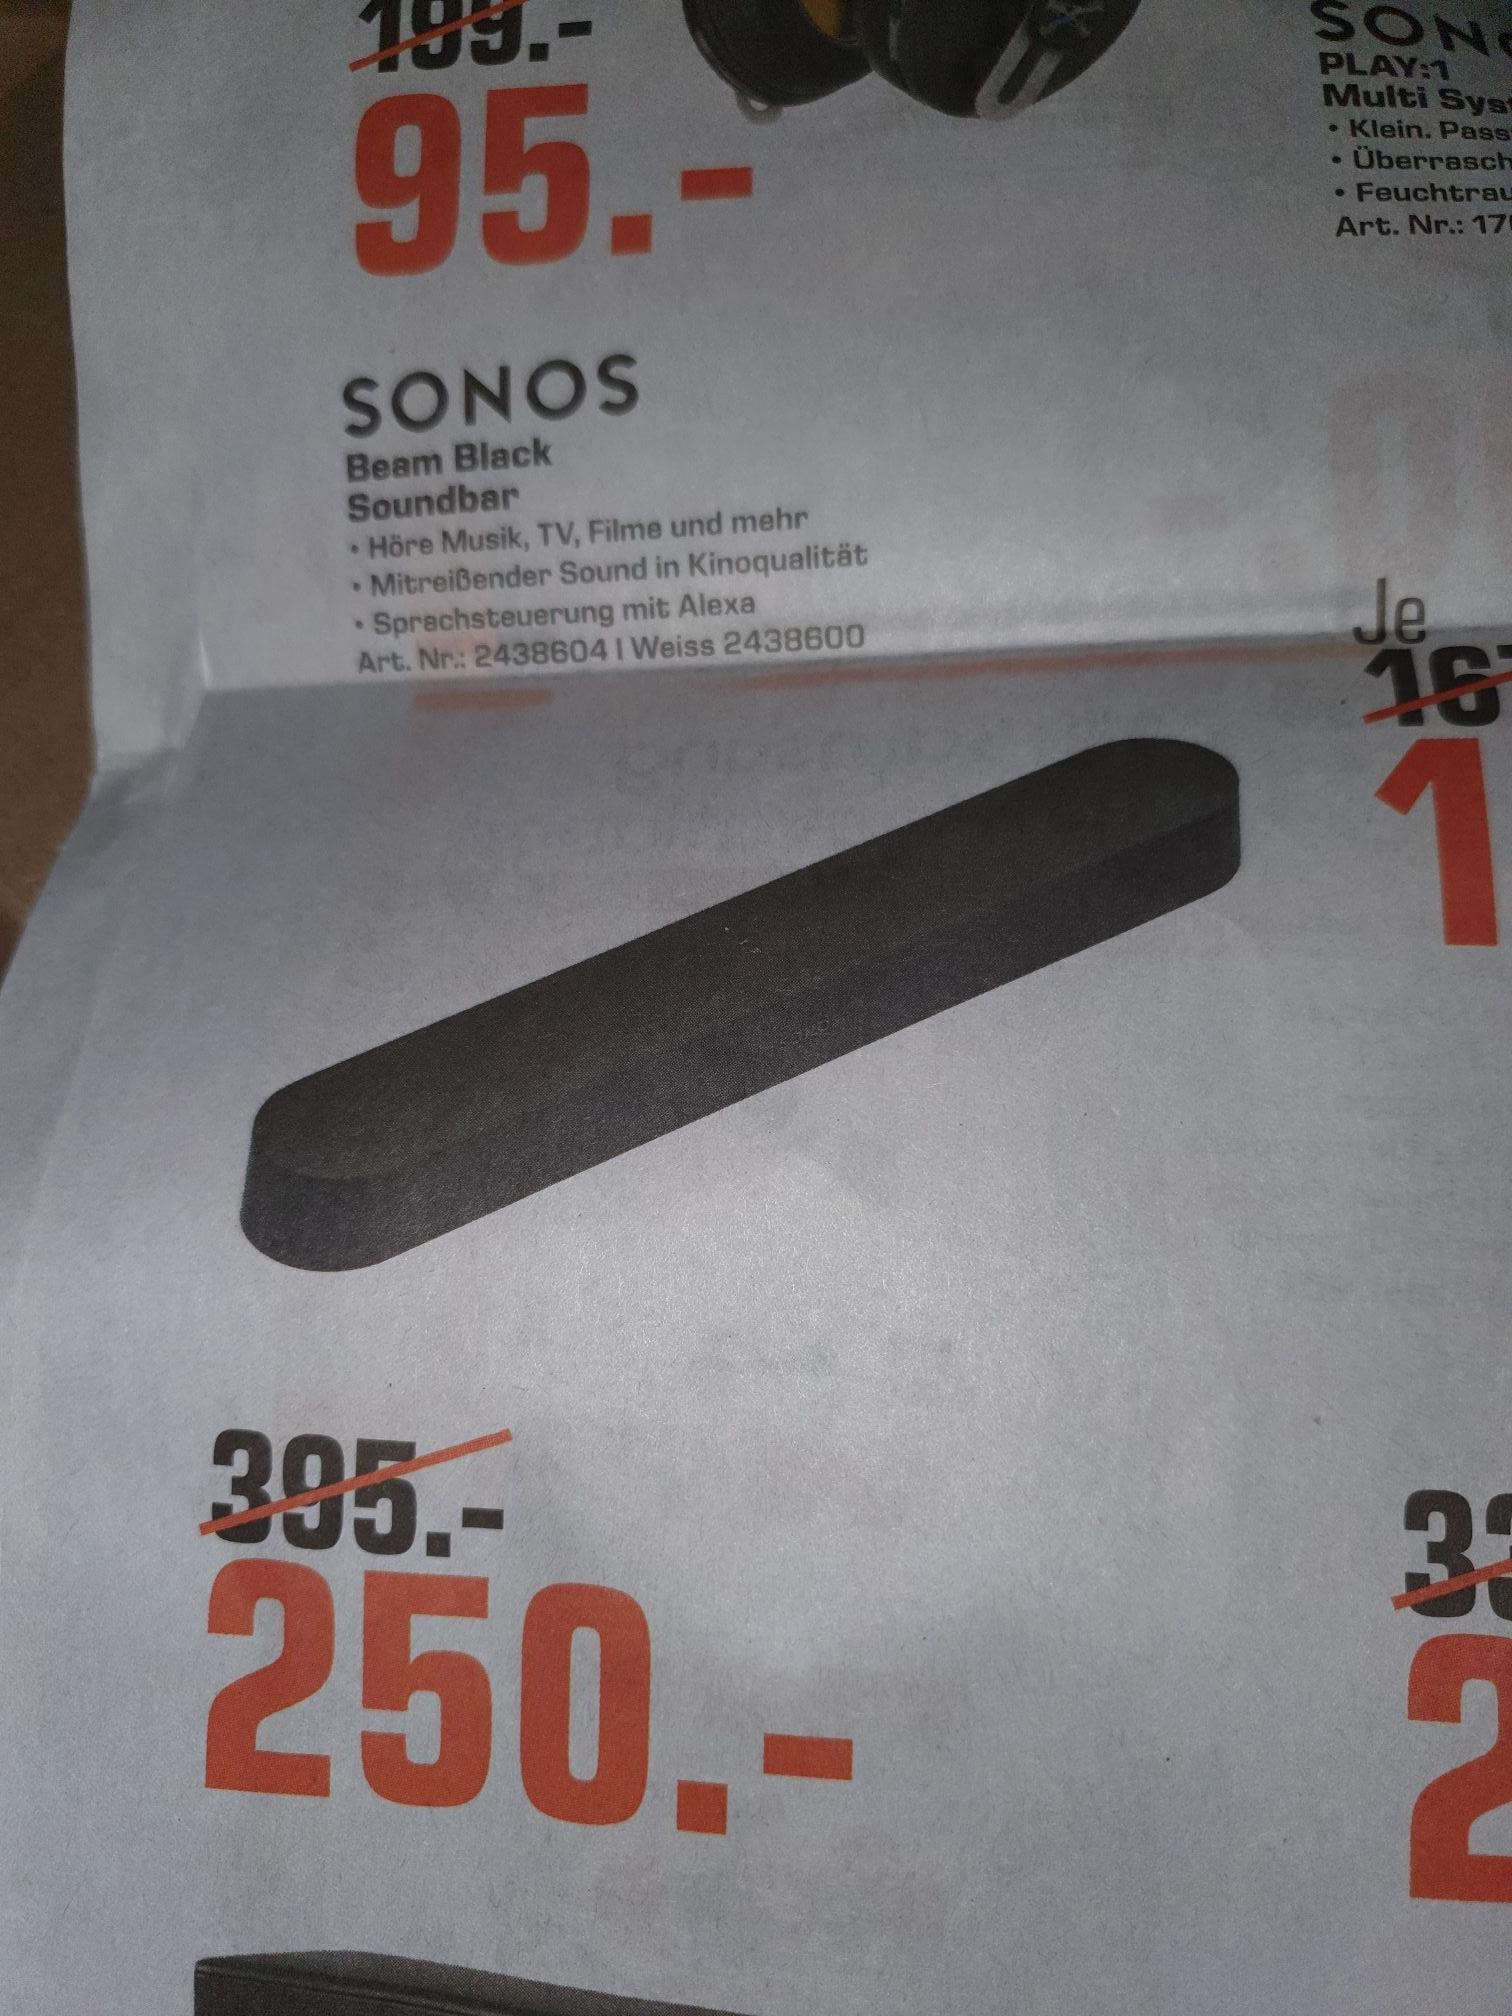 [Lokal Saturn Magdeburg] Sonos Beam schwarz für 250€, Sonos PLAY:1 120€, Sonos One Gen2 weiß 180€